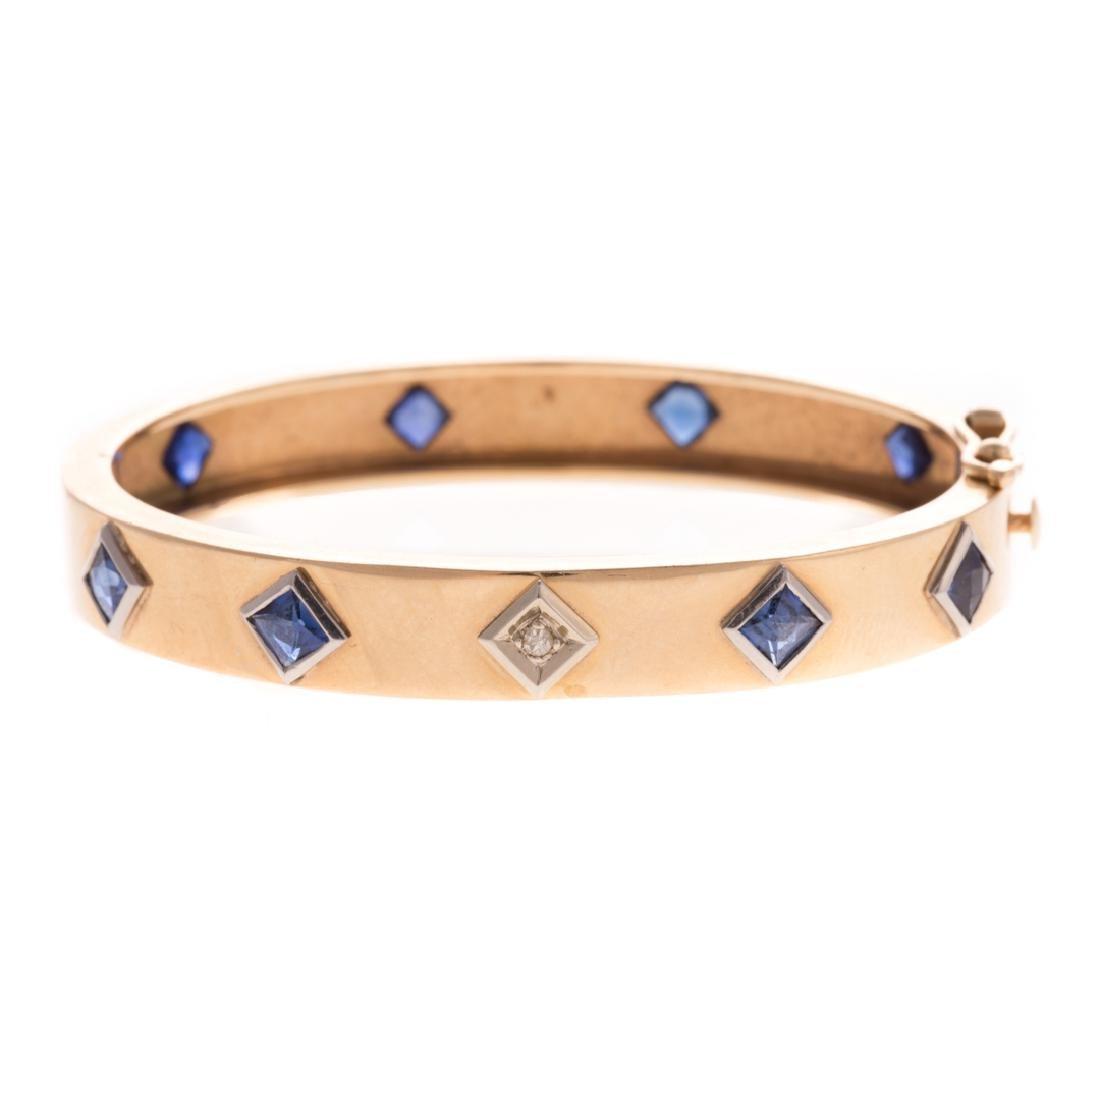 A Lady's 14K Sapphire & Diamond Bangle Bracelet